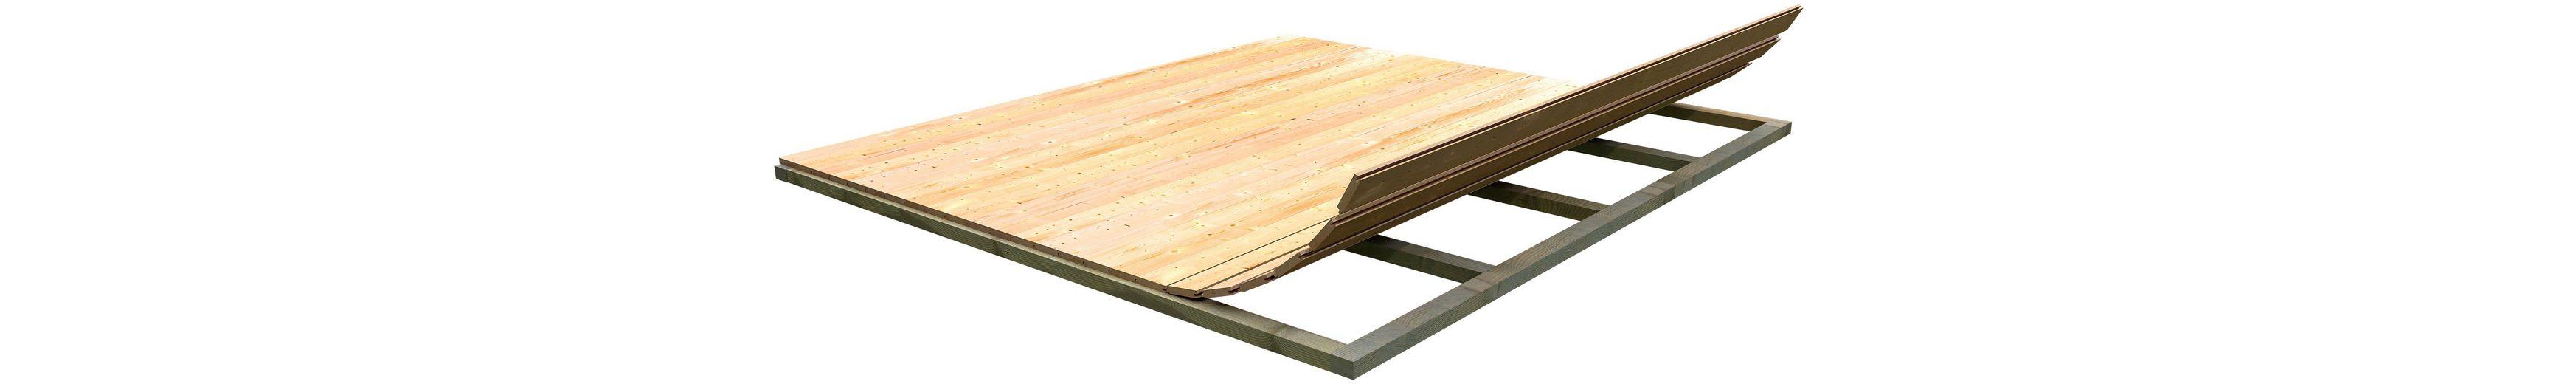 Fußboden für Gartenhäuser, BxT: 280x280 cm